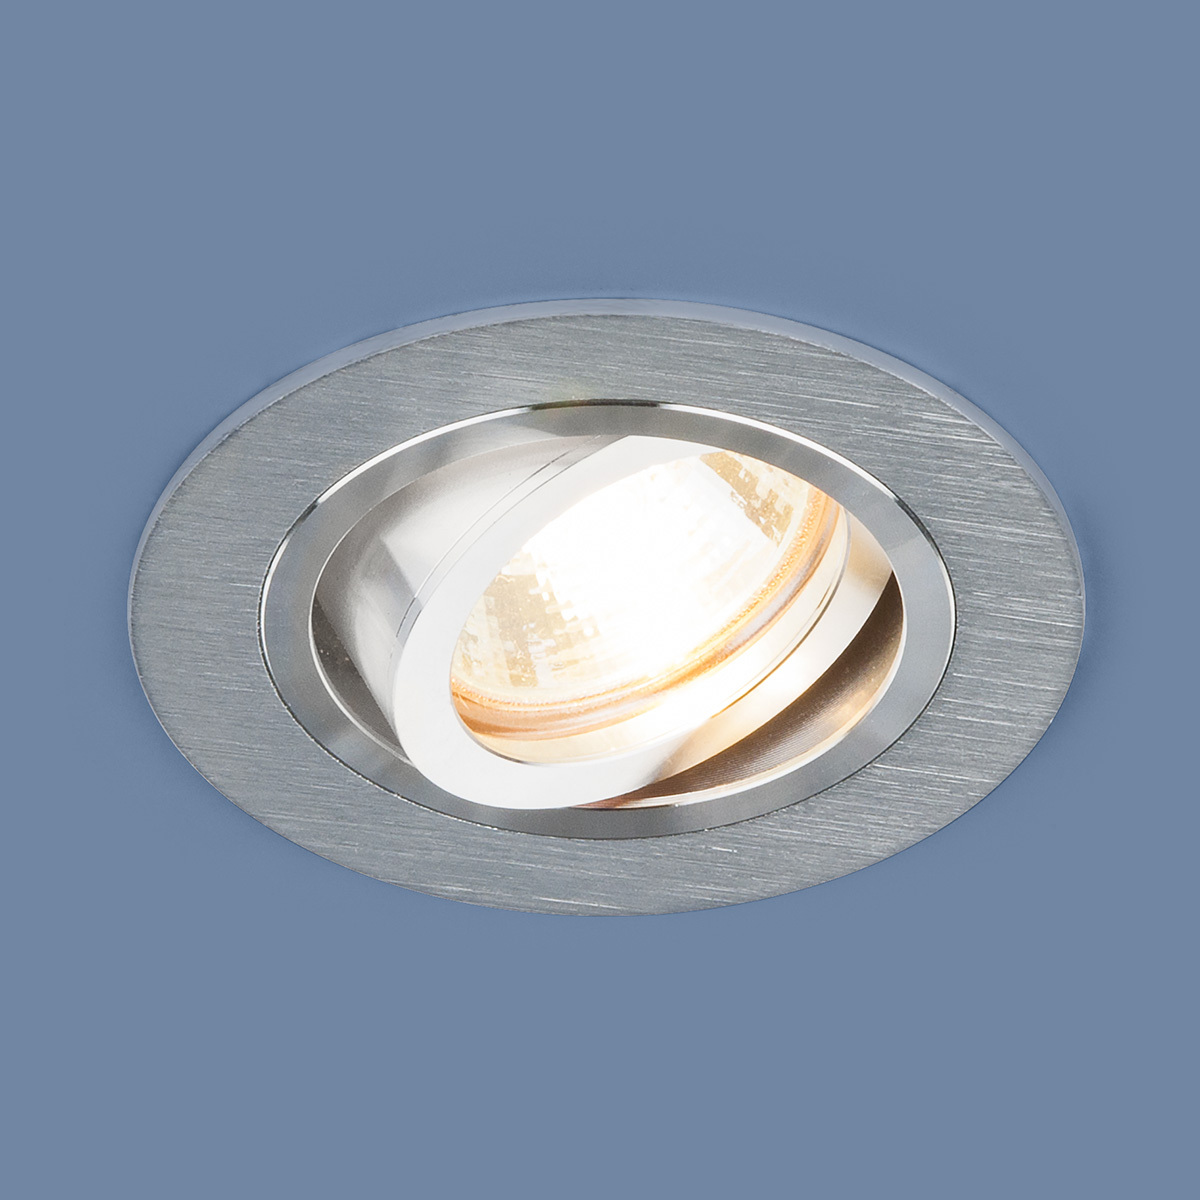 Встраиваемый светильник Elektrostandard Алюминиевый точечный 1061/1 MR16 SL, G5.3 встраиваемый светильник elektrostandard 1061 1 mr16 sl серебро 4690389095498